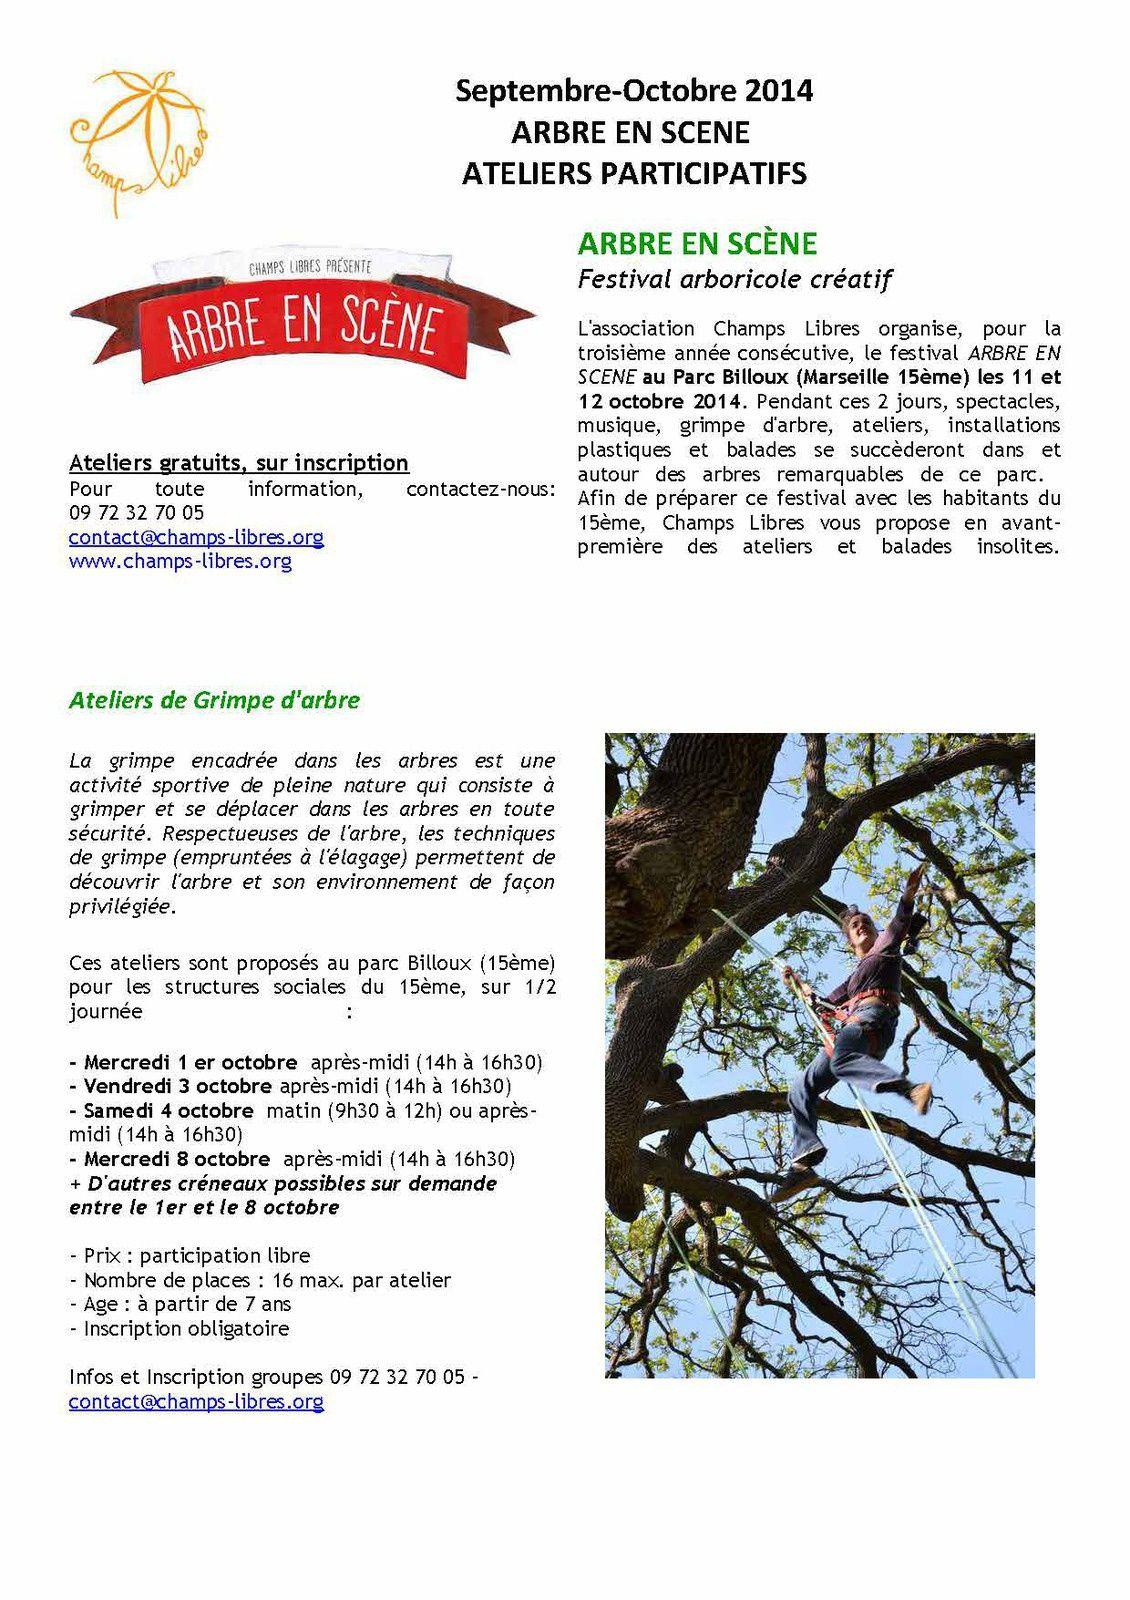 3ème édition d'Arbre en Scène - Parc François Billoux 15eme